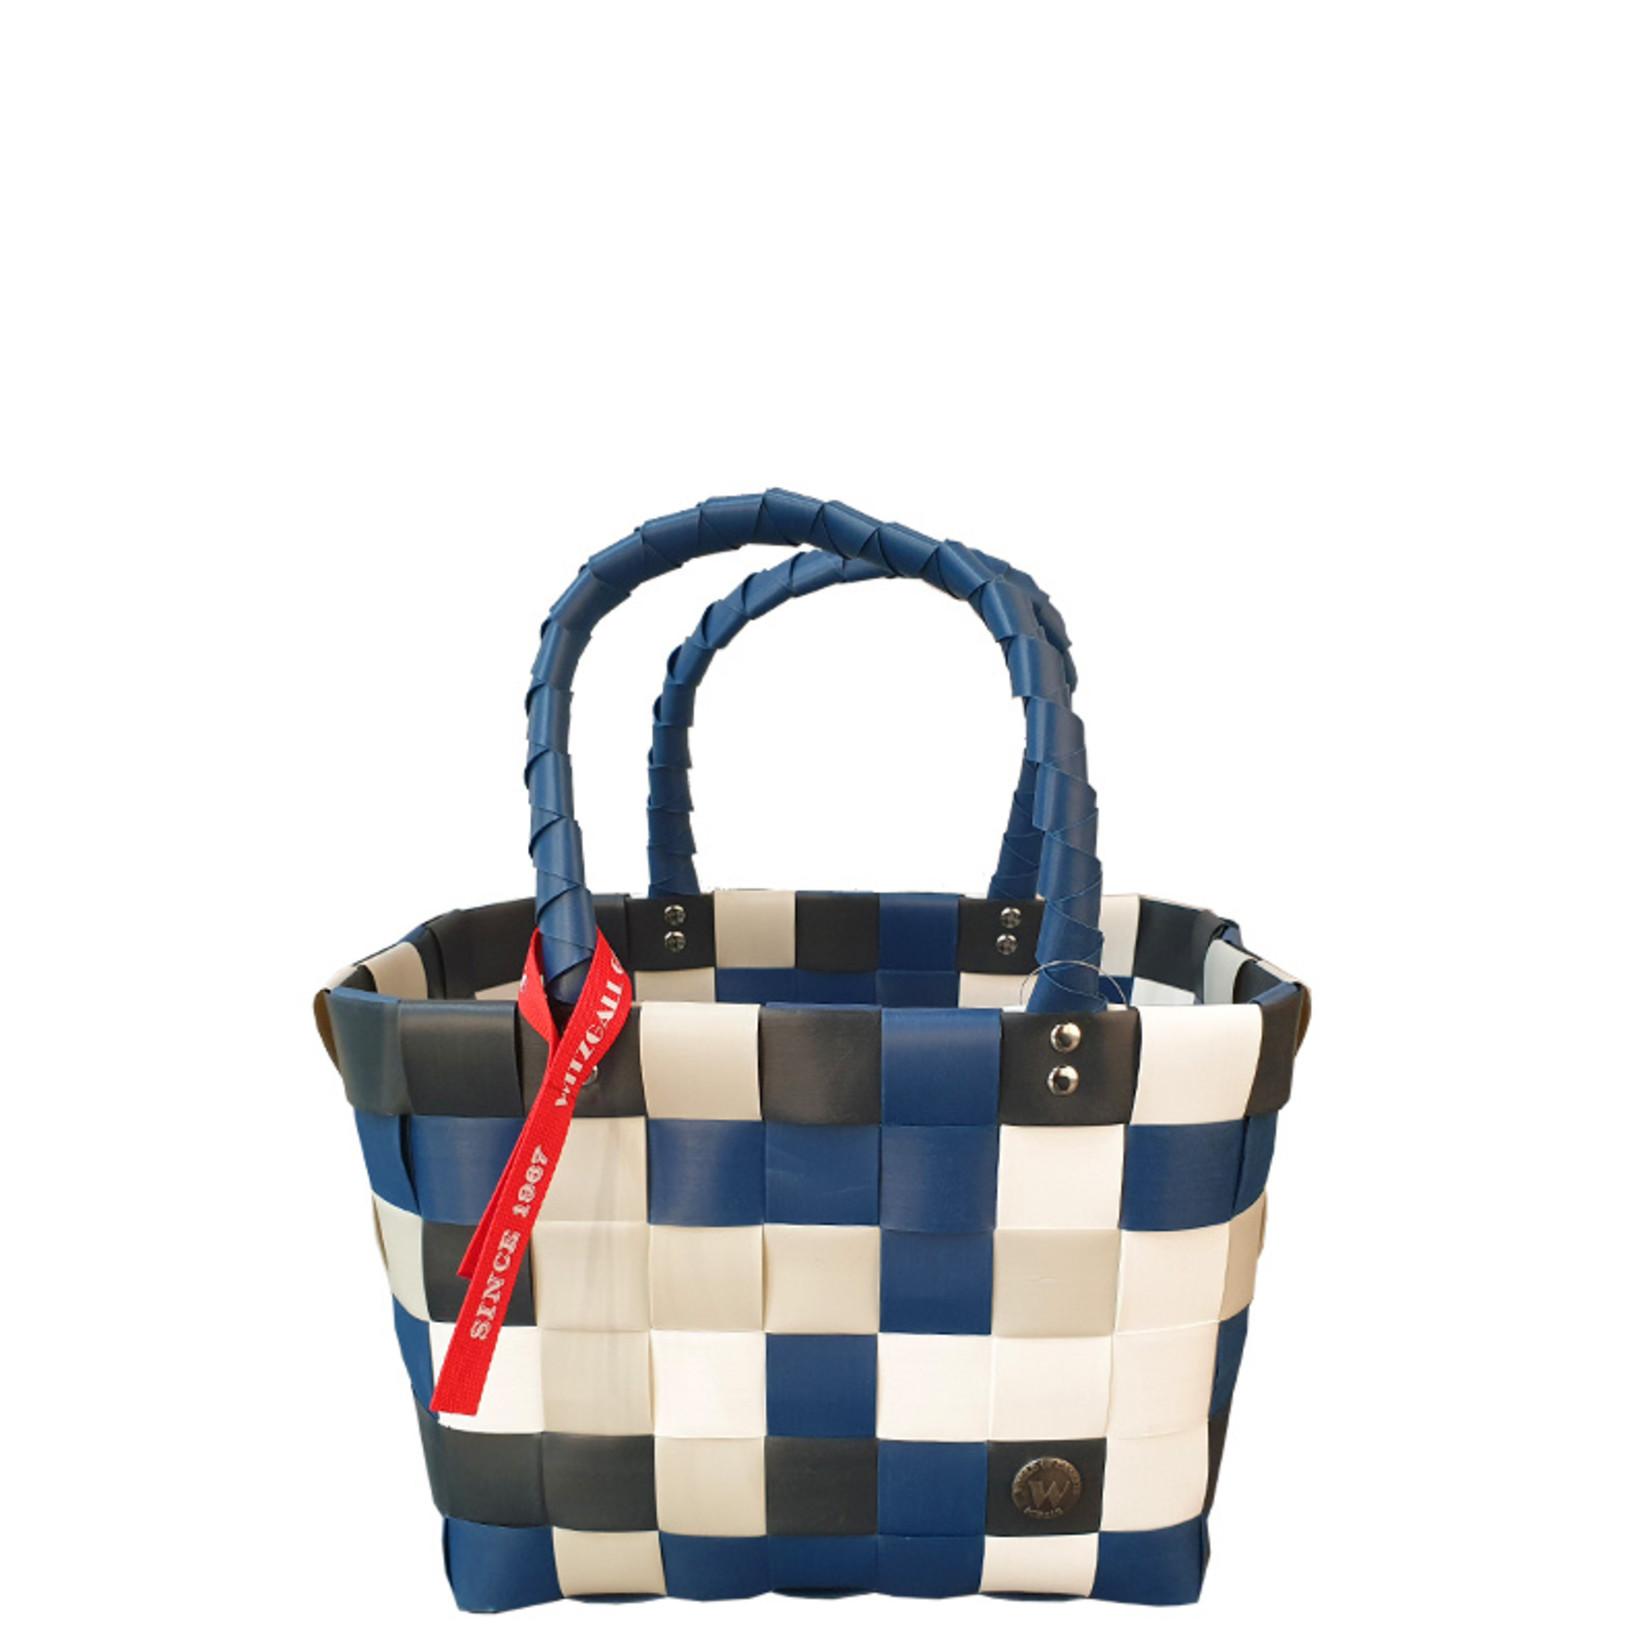 ICE BAG Taschen ICE BAG Mini Shopper 5008-65 | Original Witzgall Tasche | blau-weiß